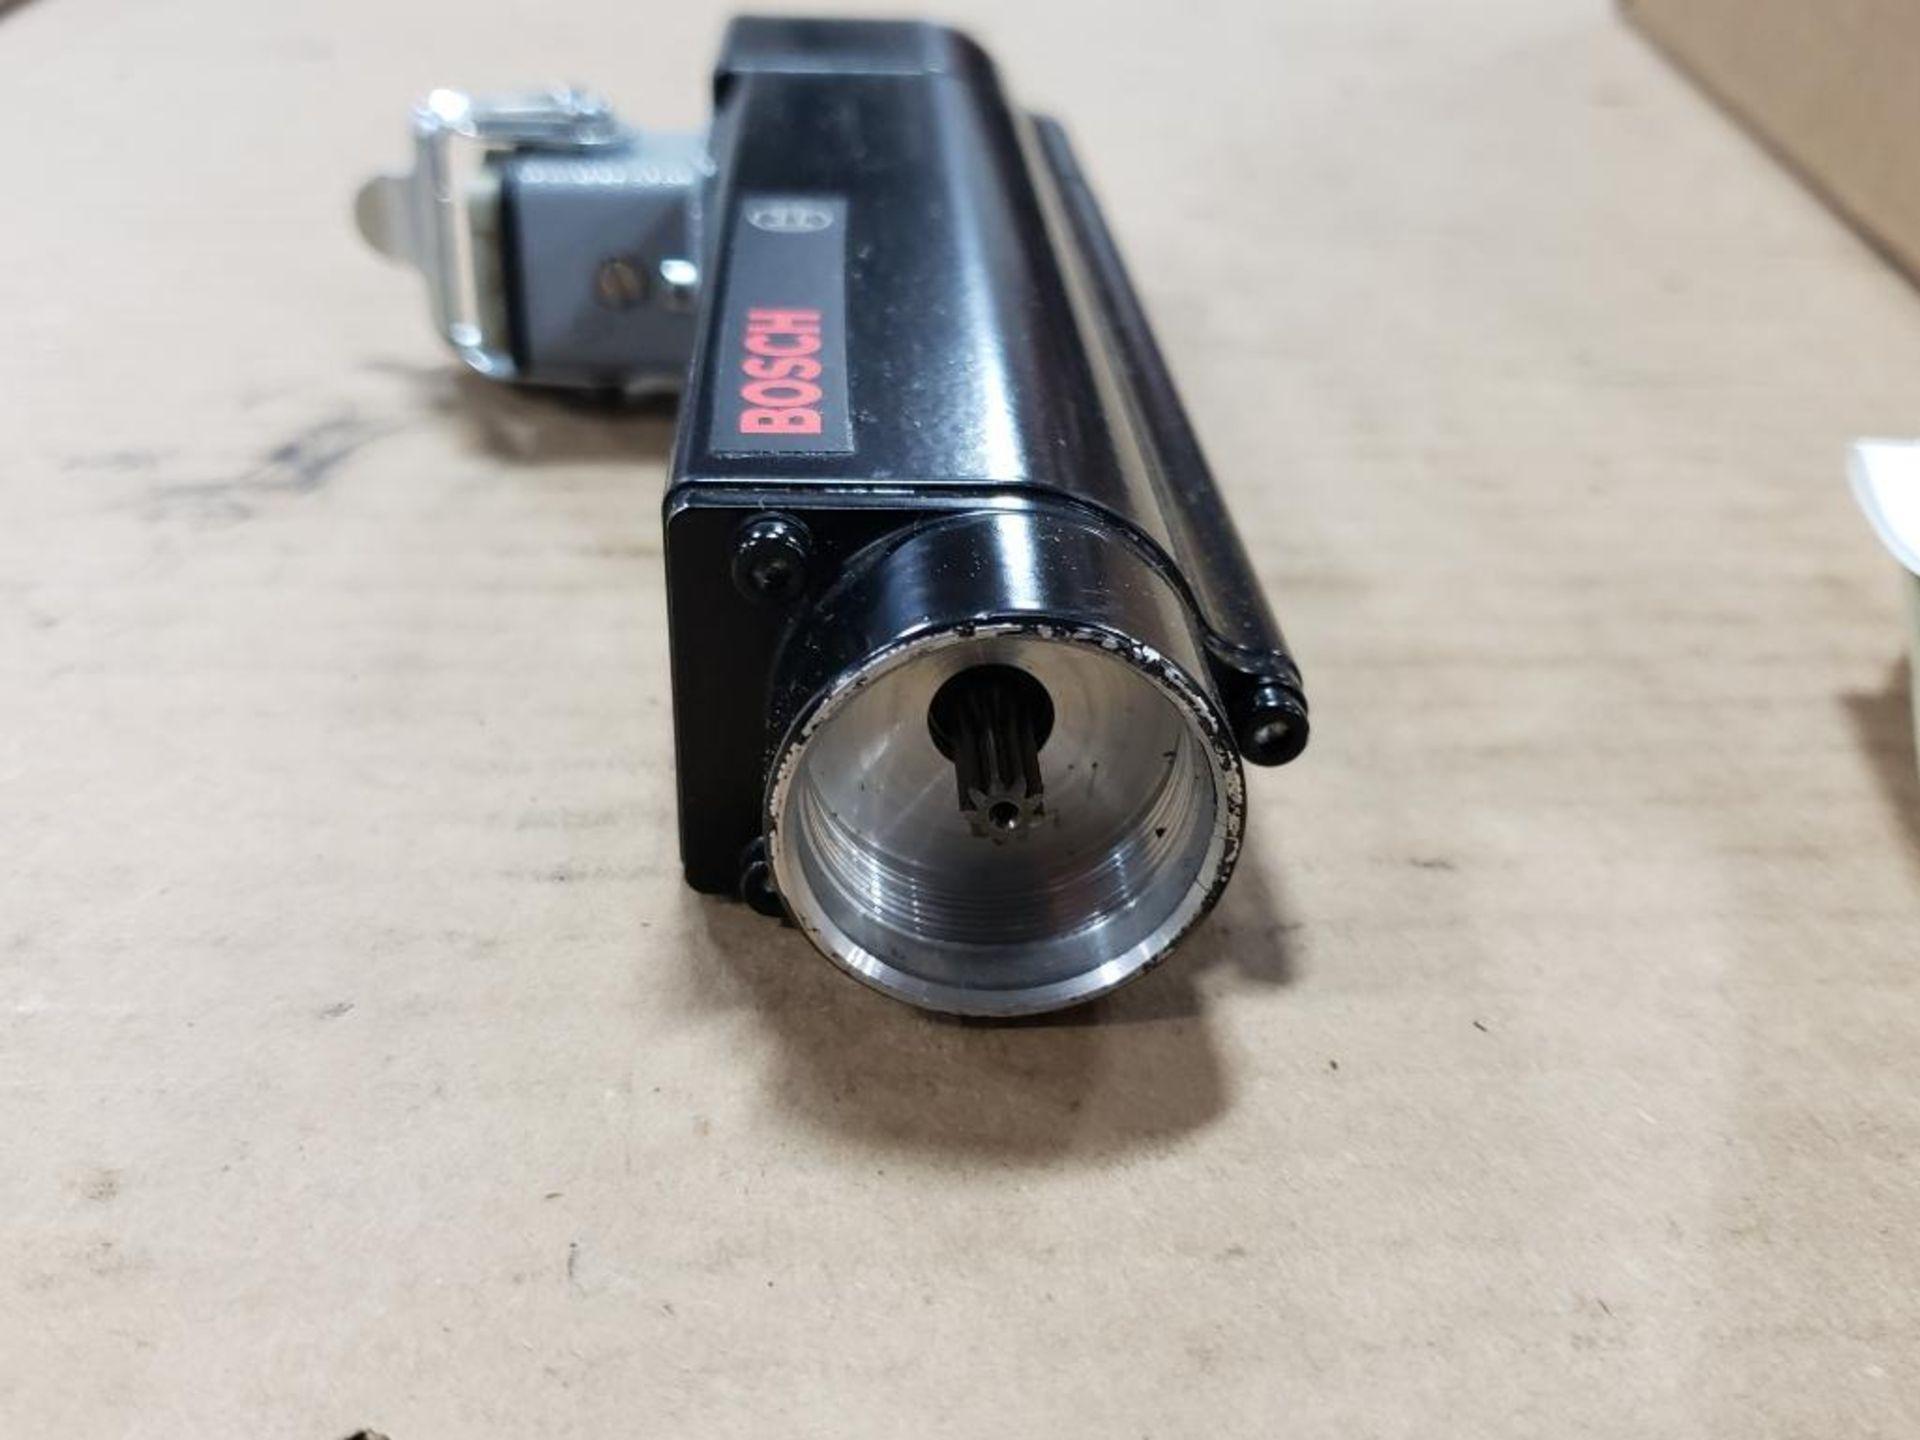 Bosch 0-608-701-013 Brushless DC-Motor. - Image 4 of 7